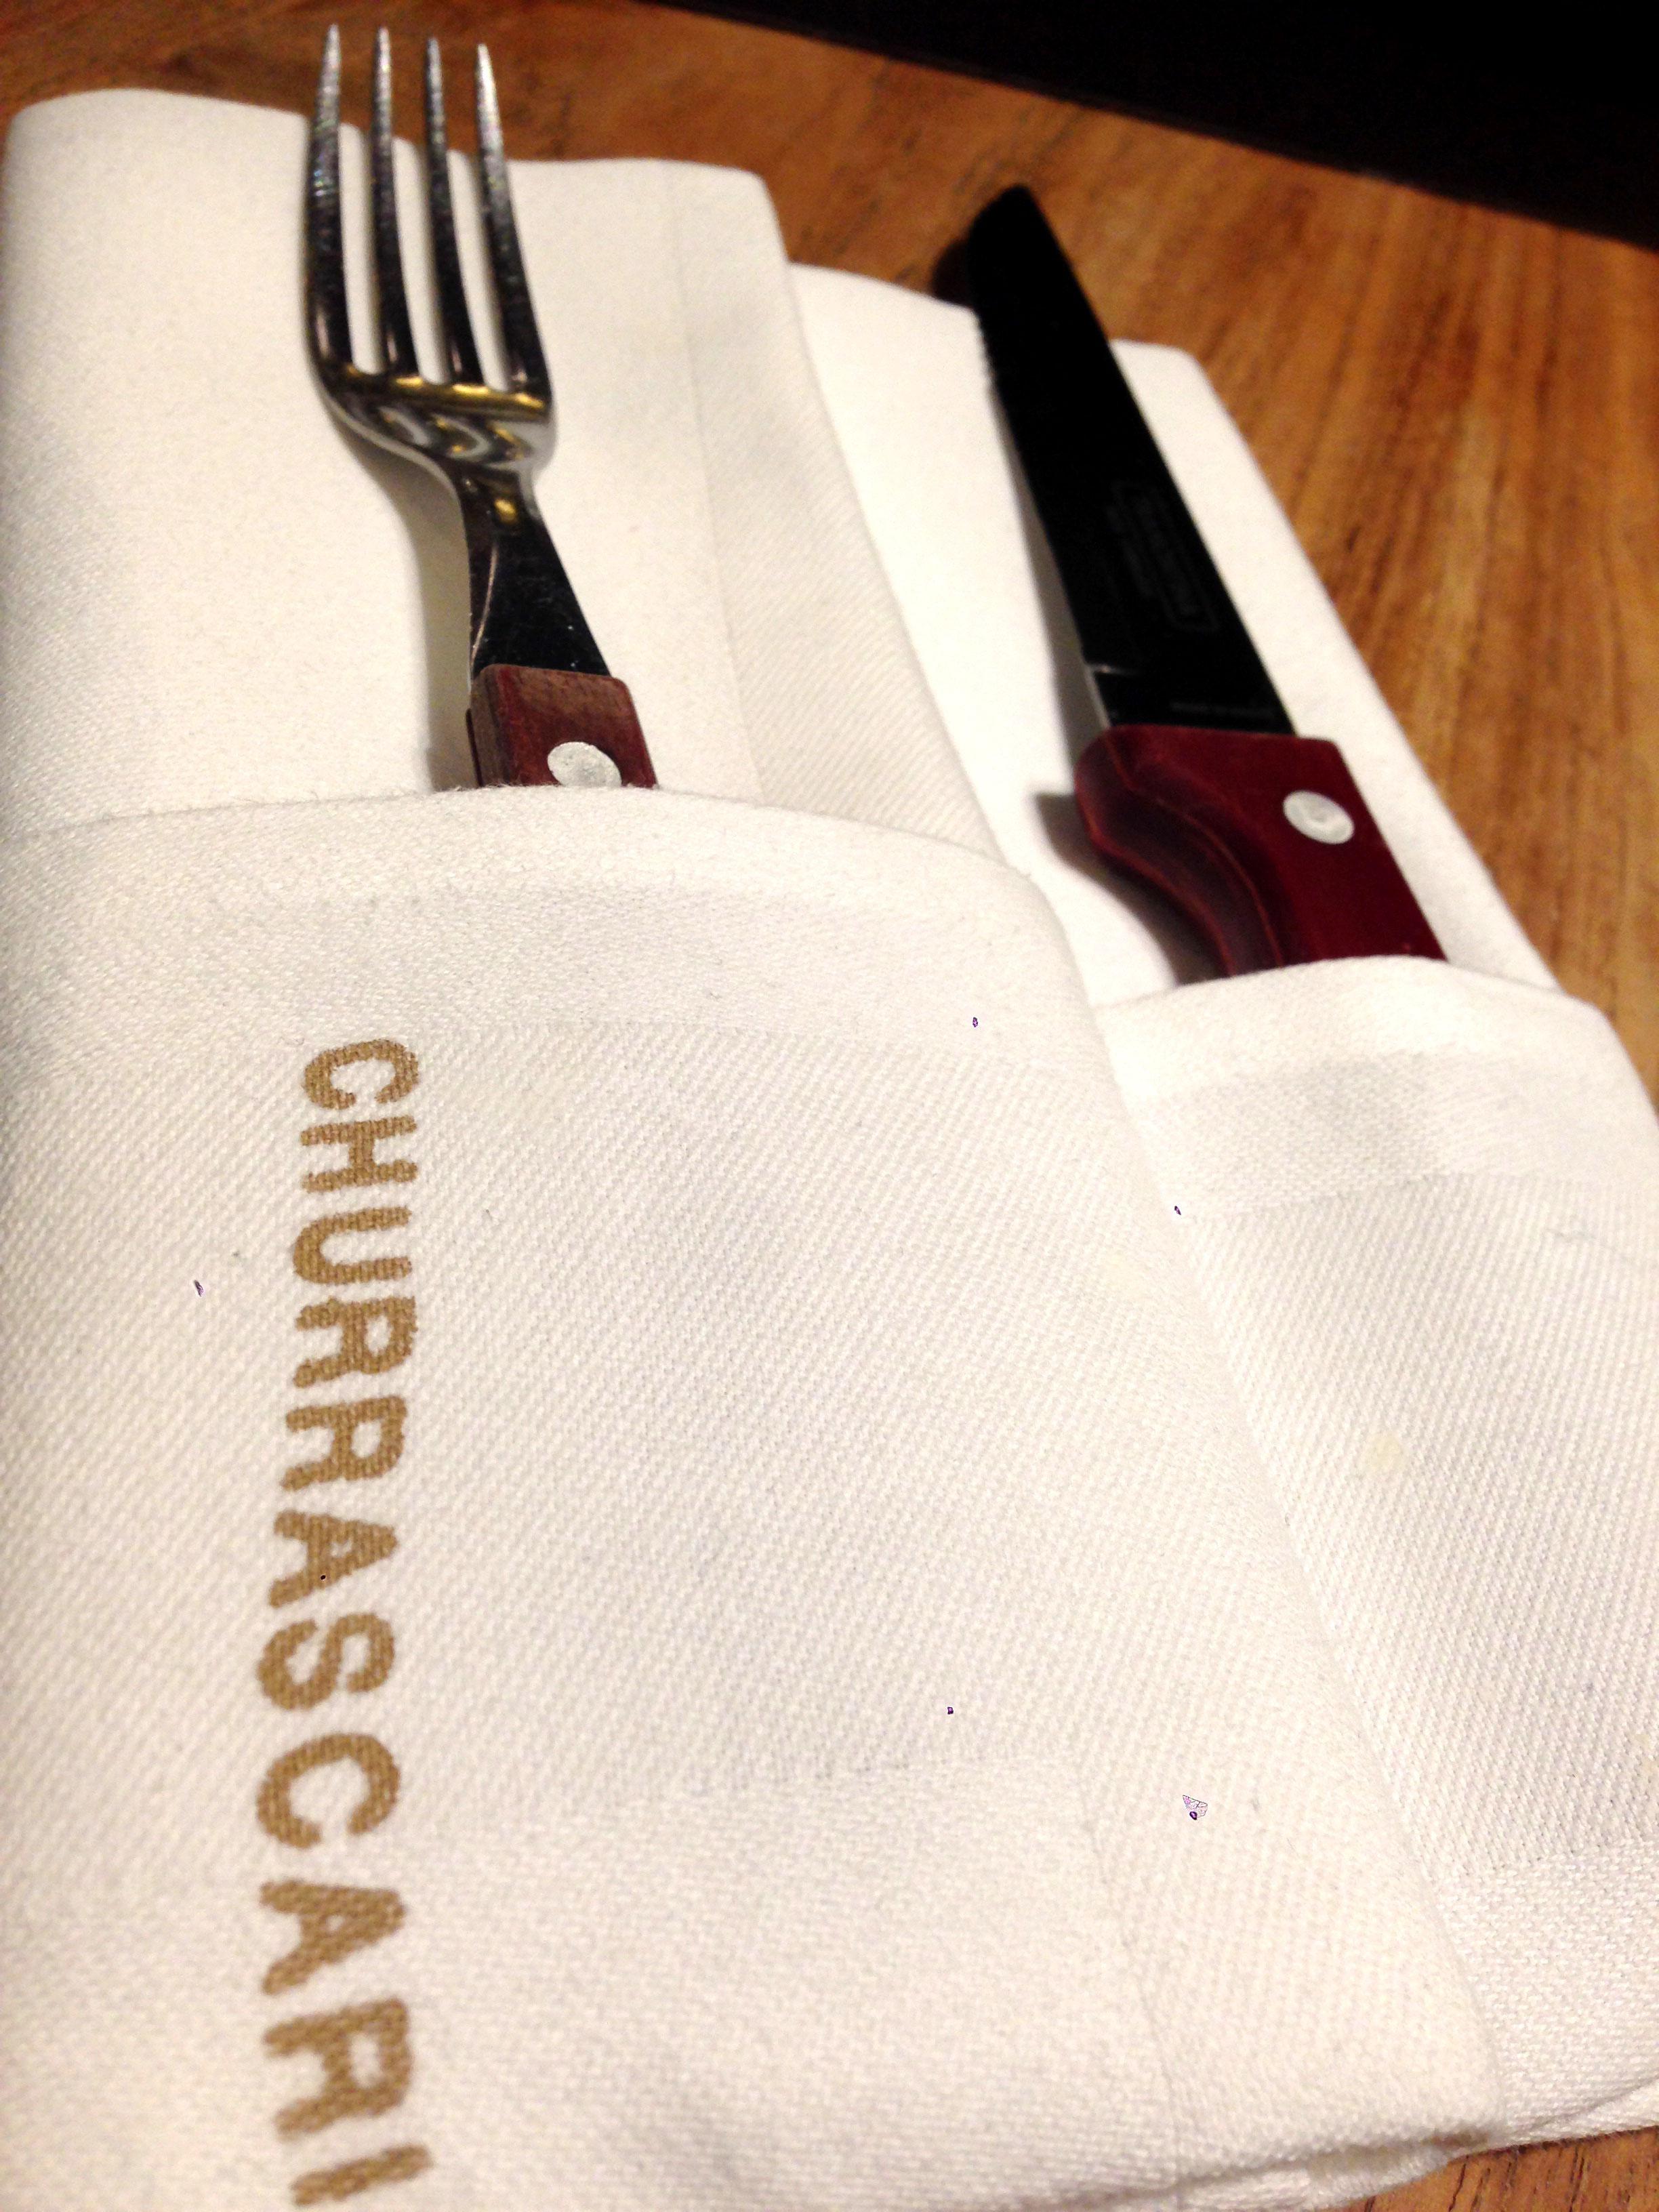 Churrascaria - datschiburger.kitchen